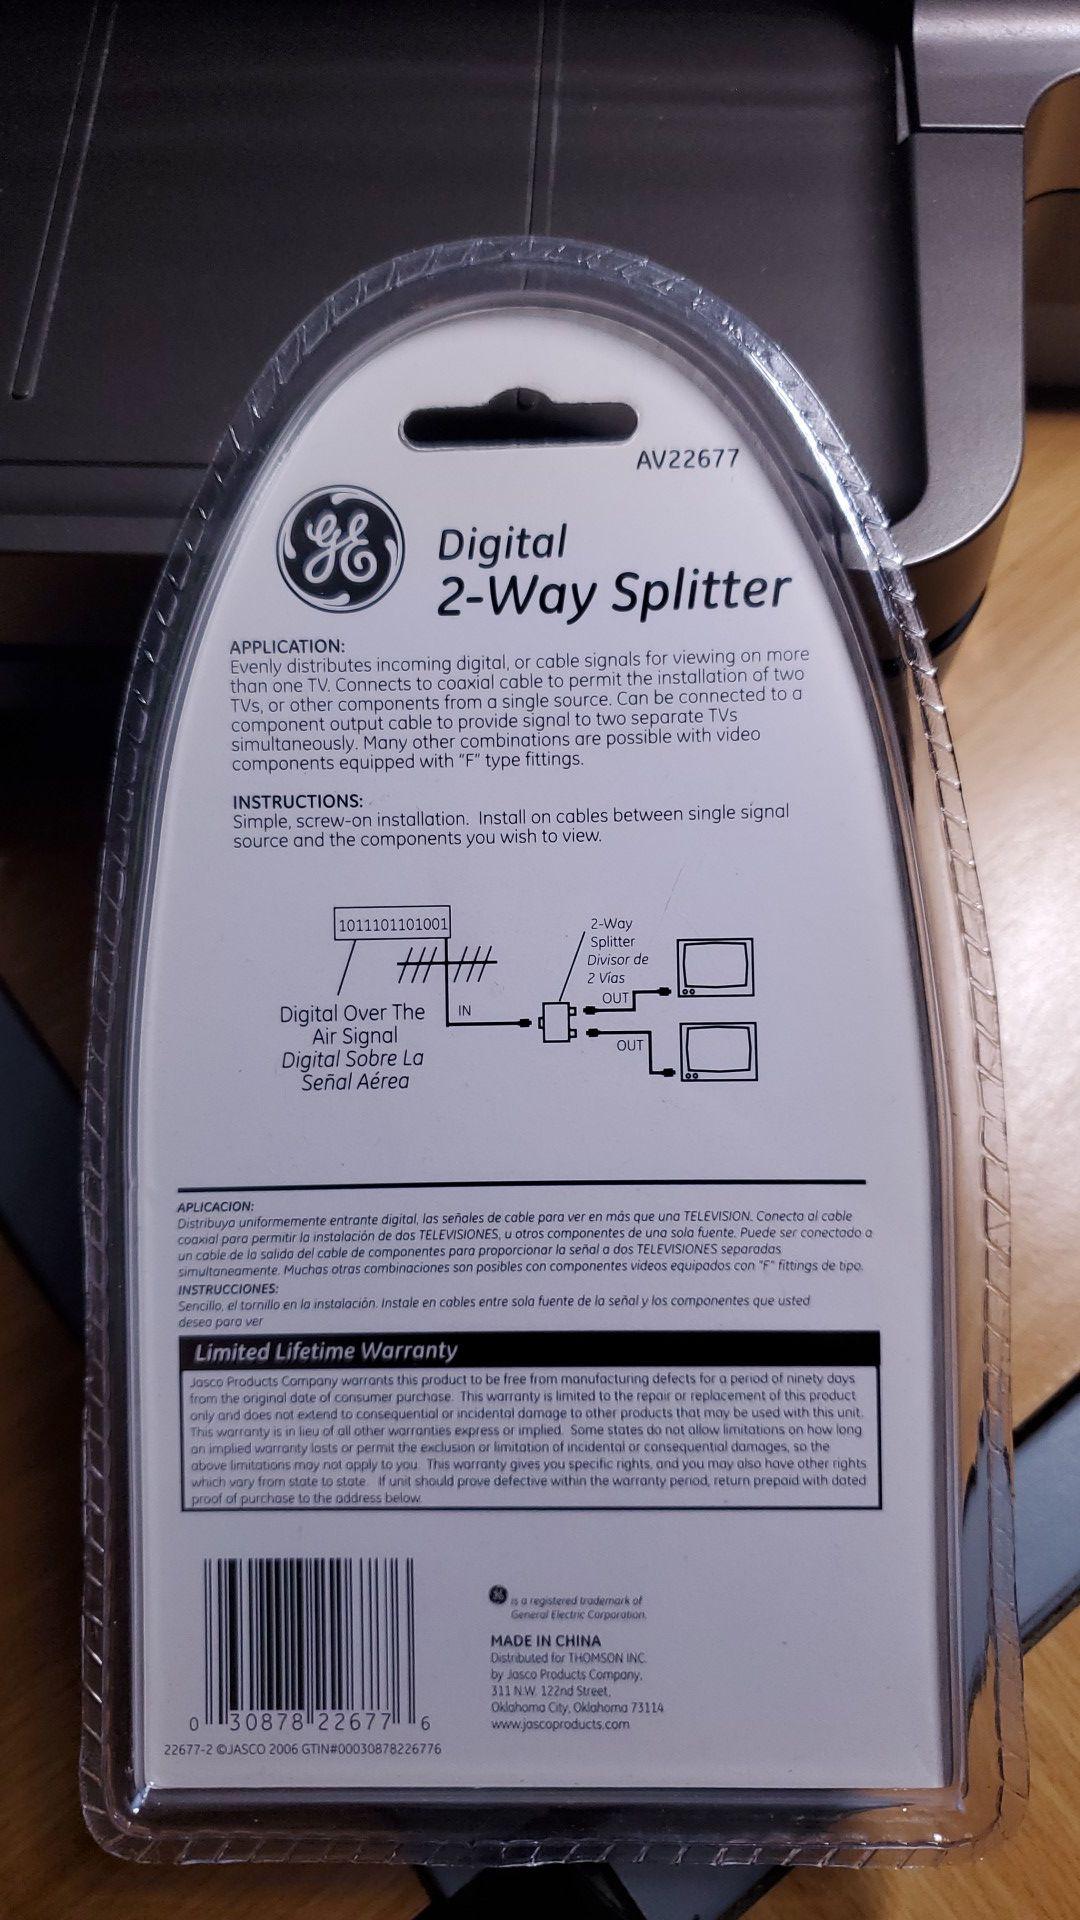 GE DIGITAL 2-WAY SPLITTER / ULTRA PROGRADE AV22677